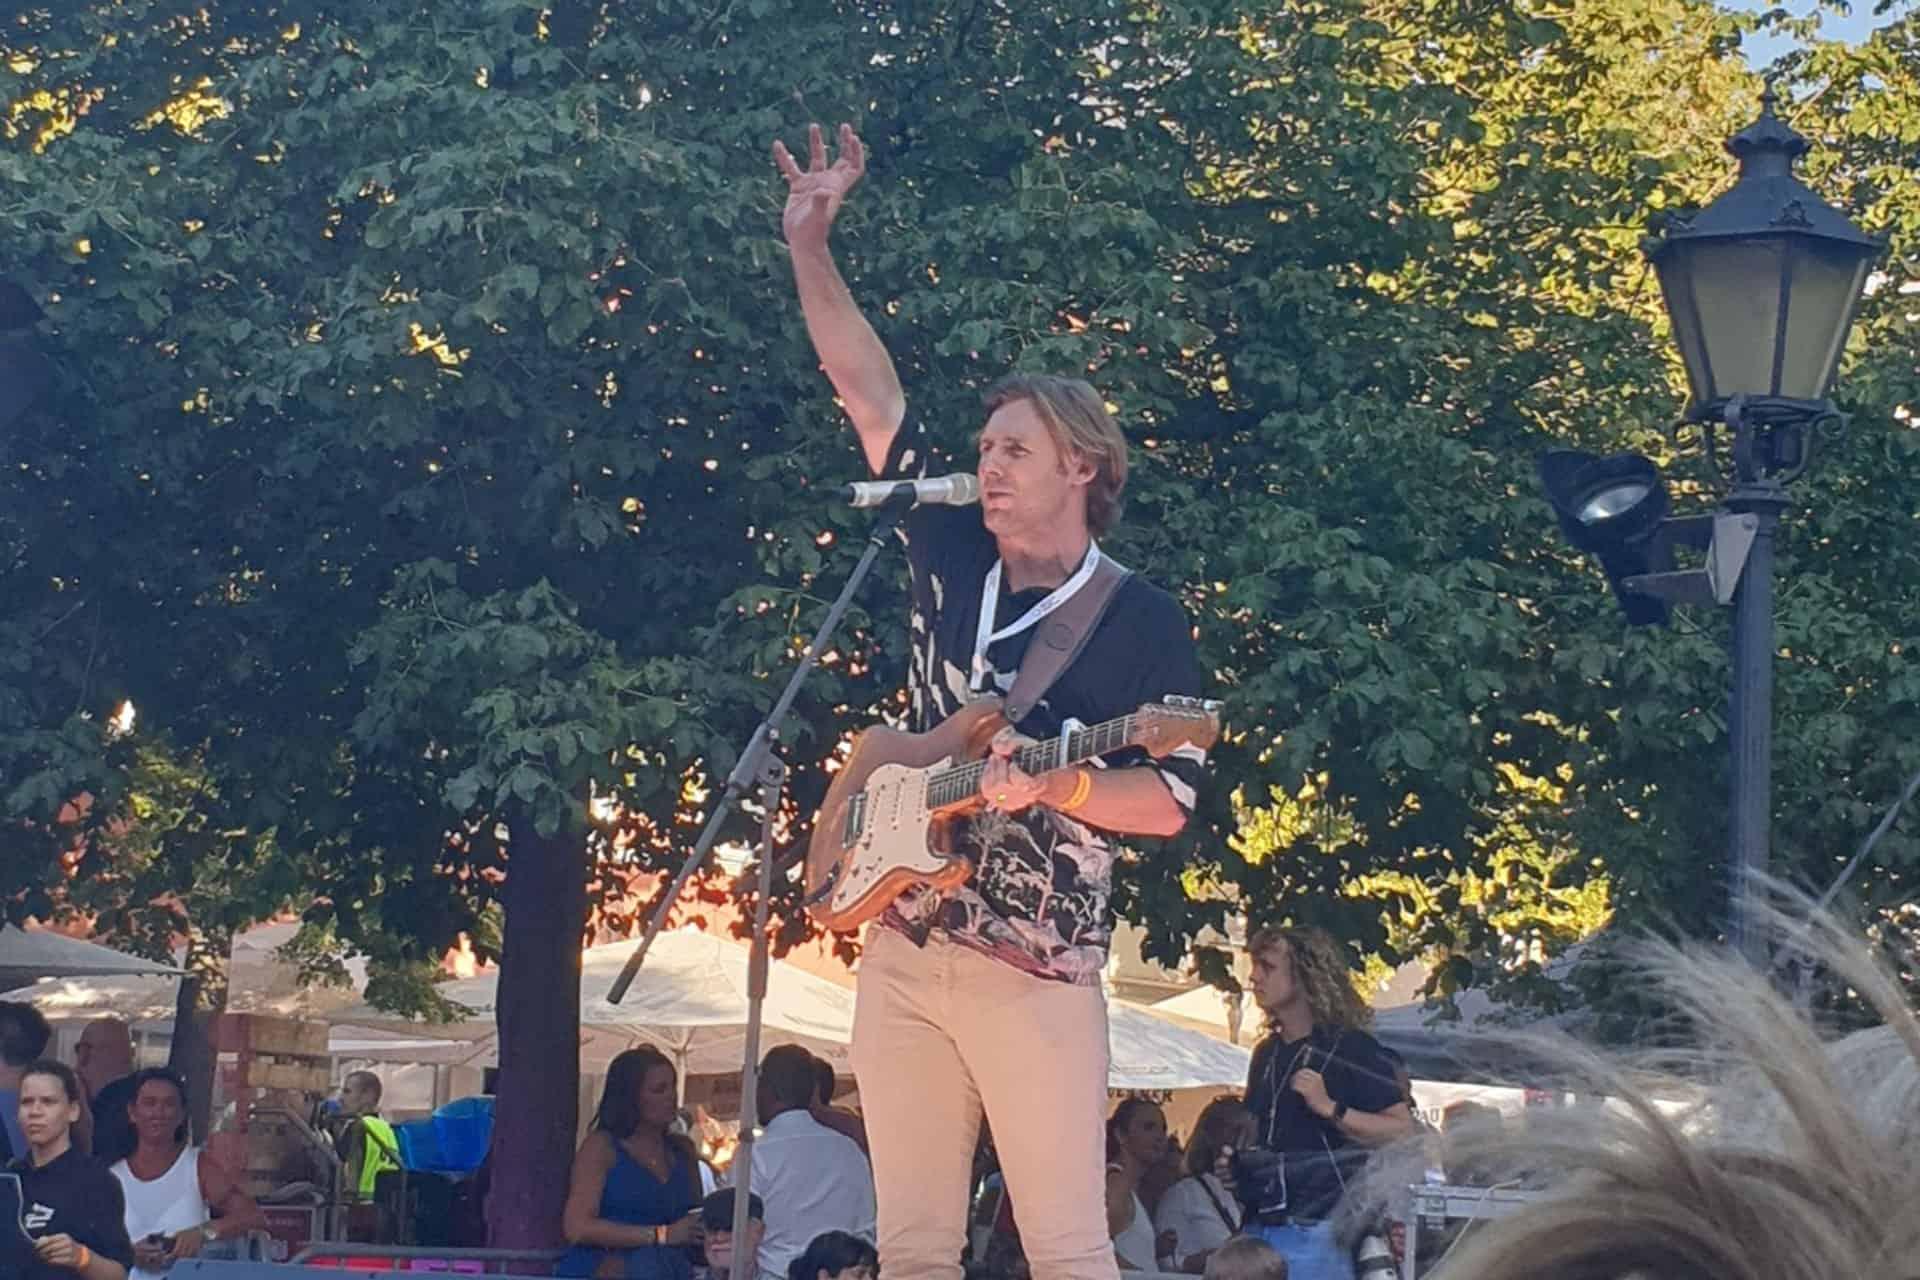 Nick Ferreti auf der Bühne in Erfurt. Foto: Clara Weiland